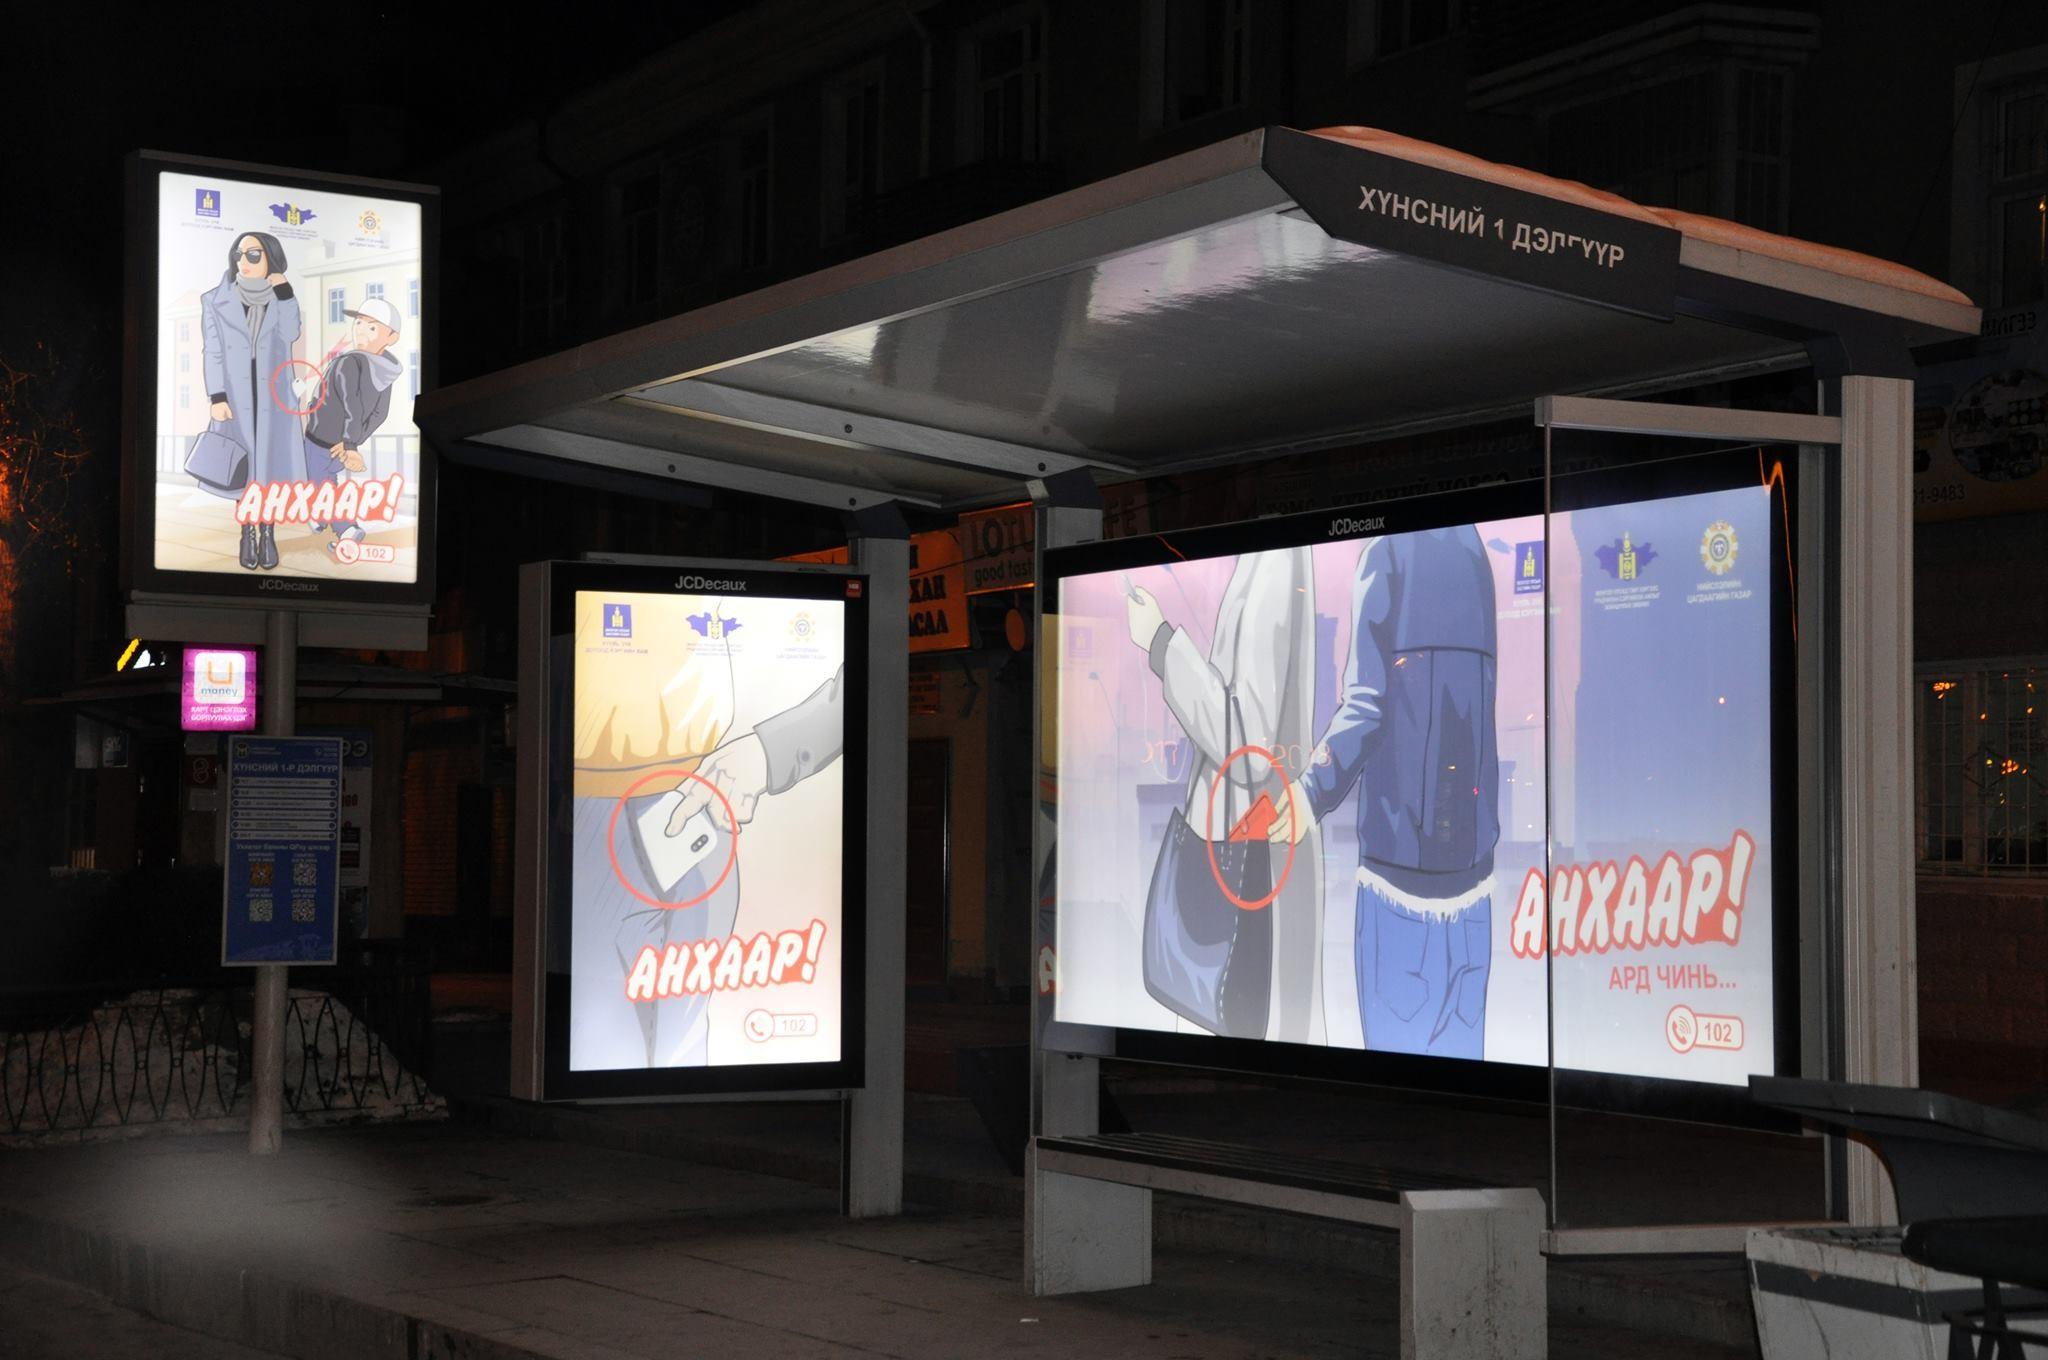 Автобусны буудал дээр удаан зогсвол торгоно